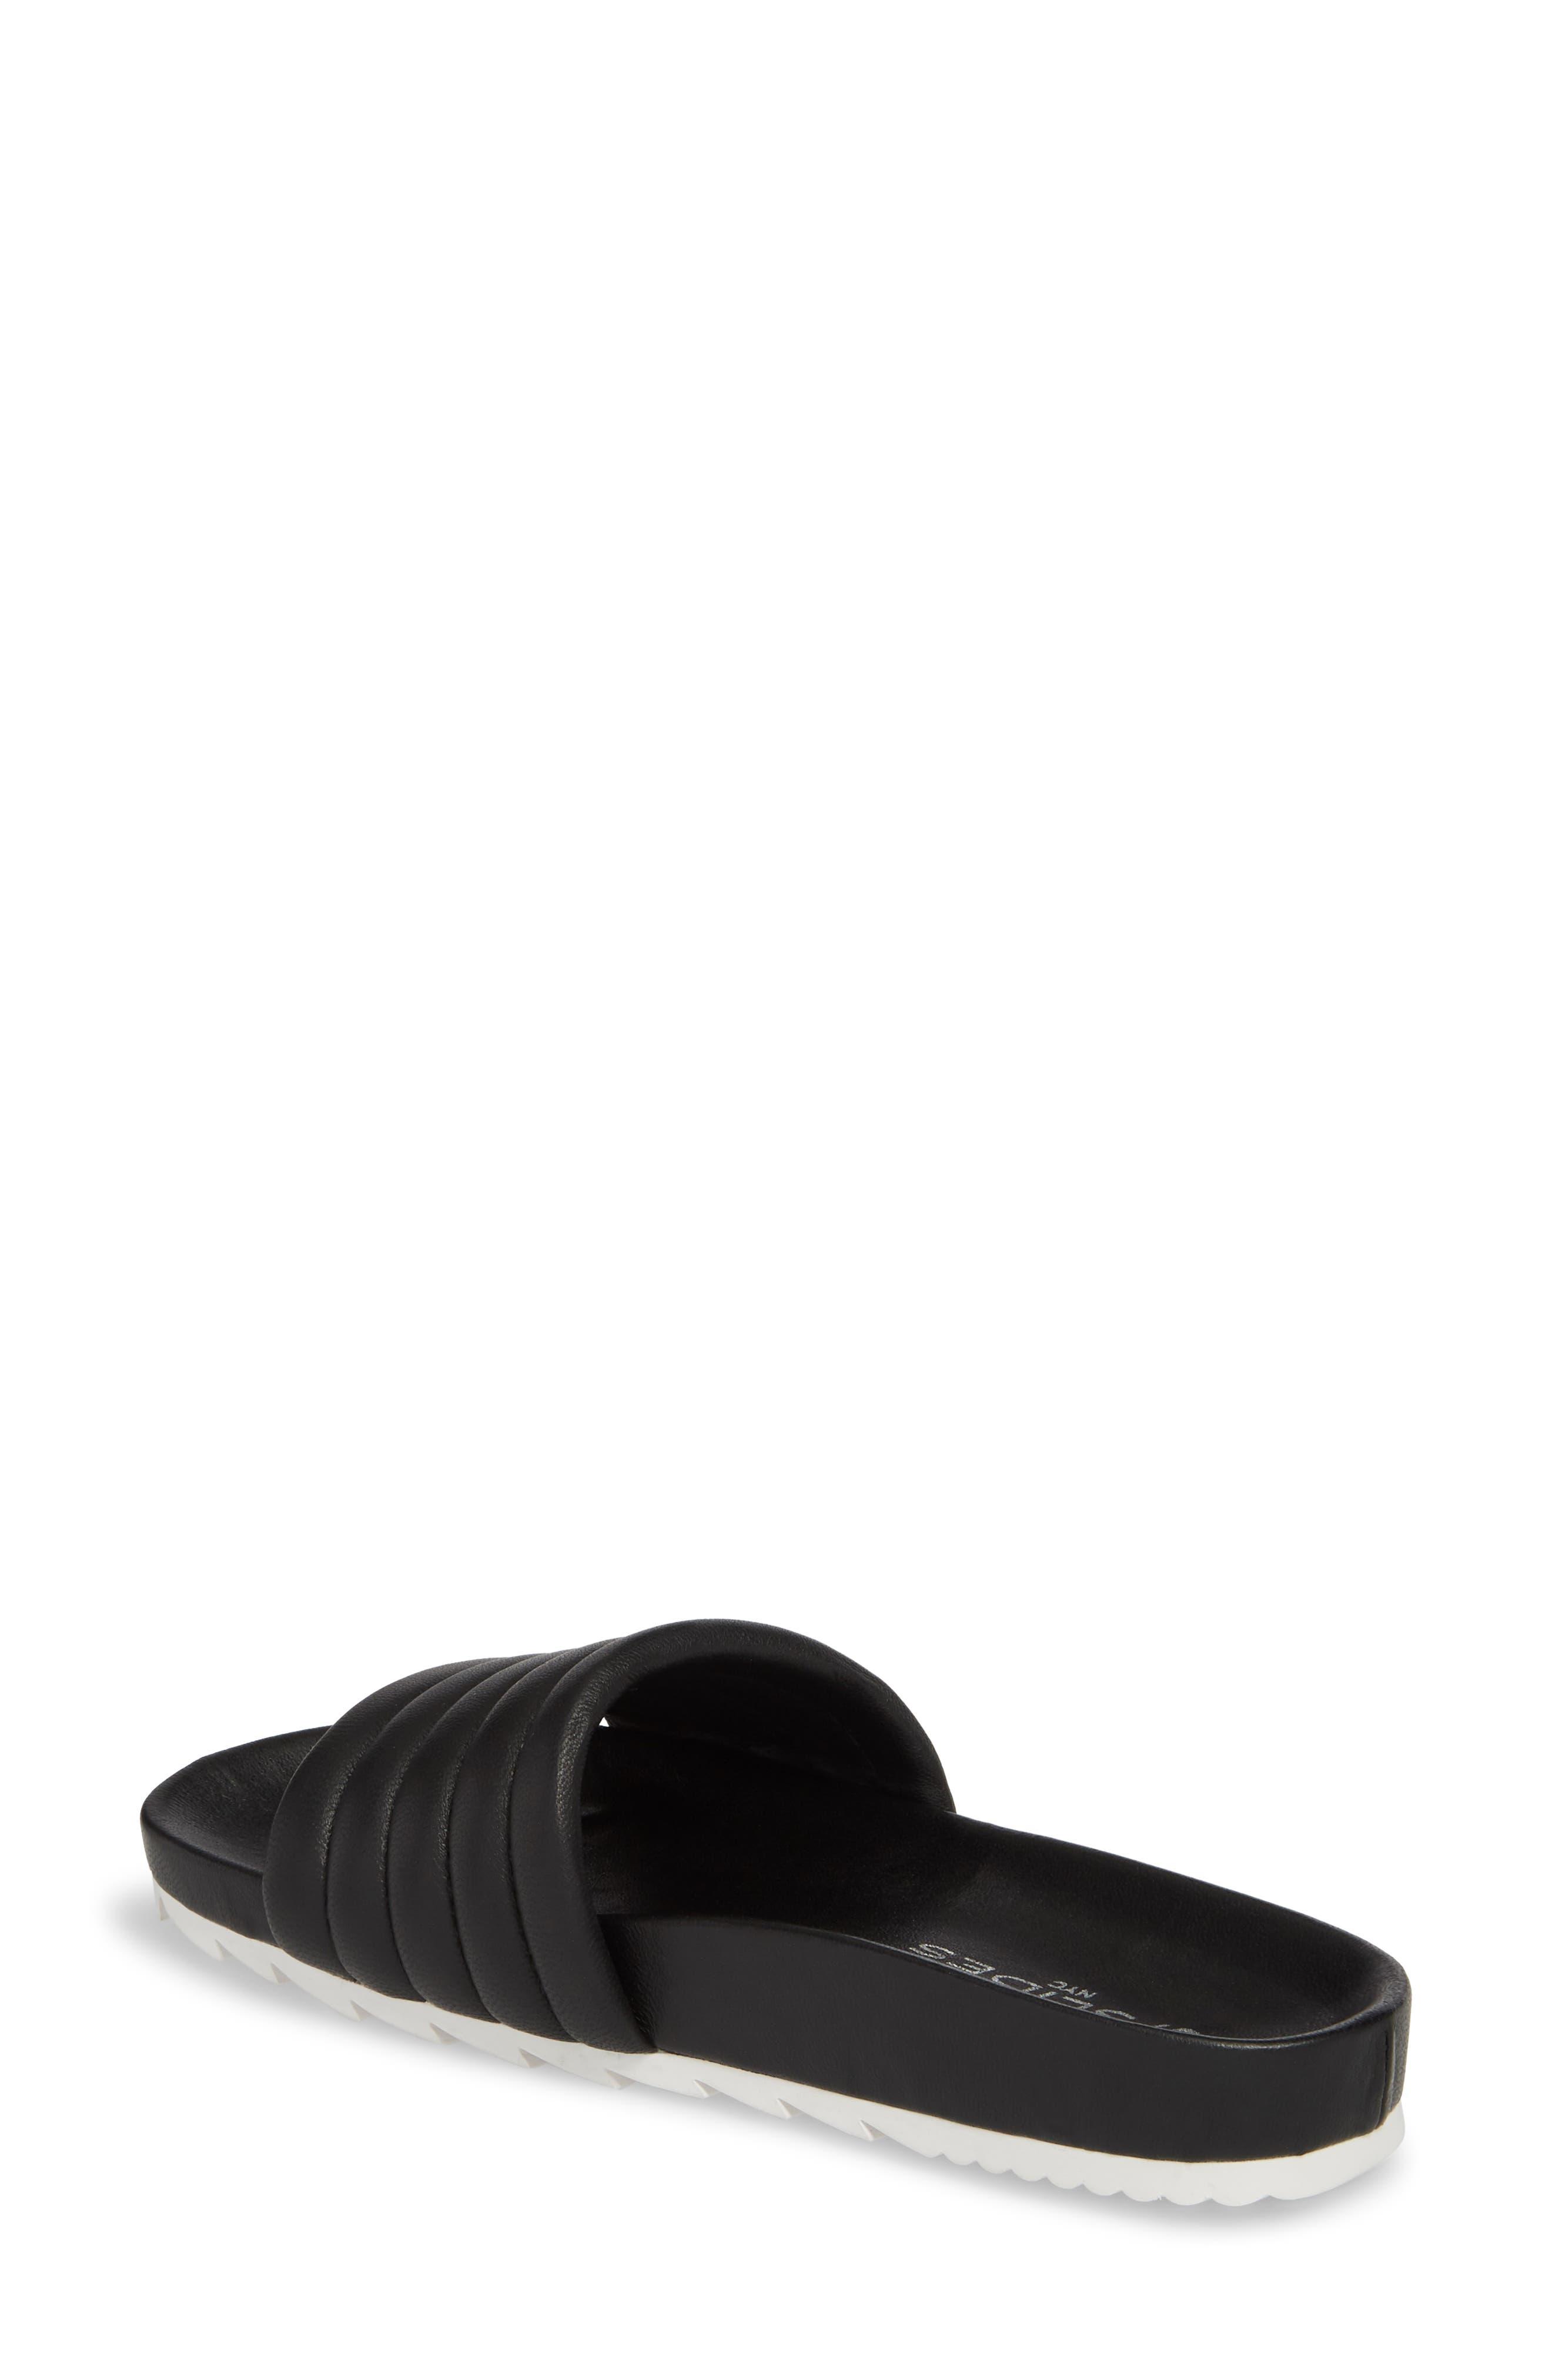 Eppie Slide Sandal,                             Alternate thumbnail 2, color,                             BLACK LEATHER